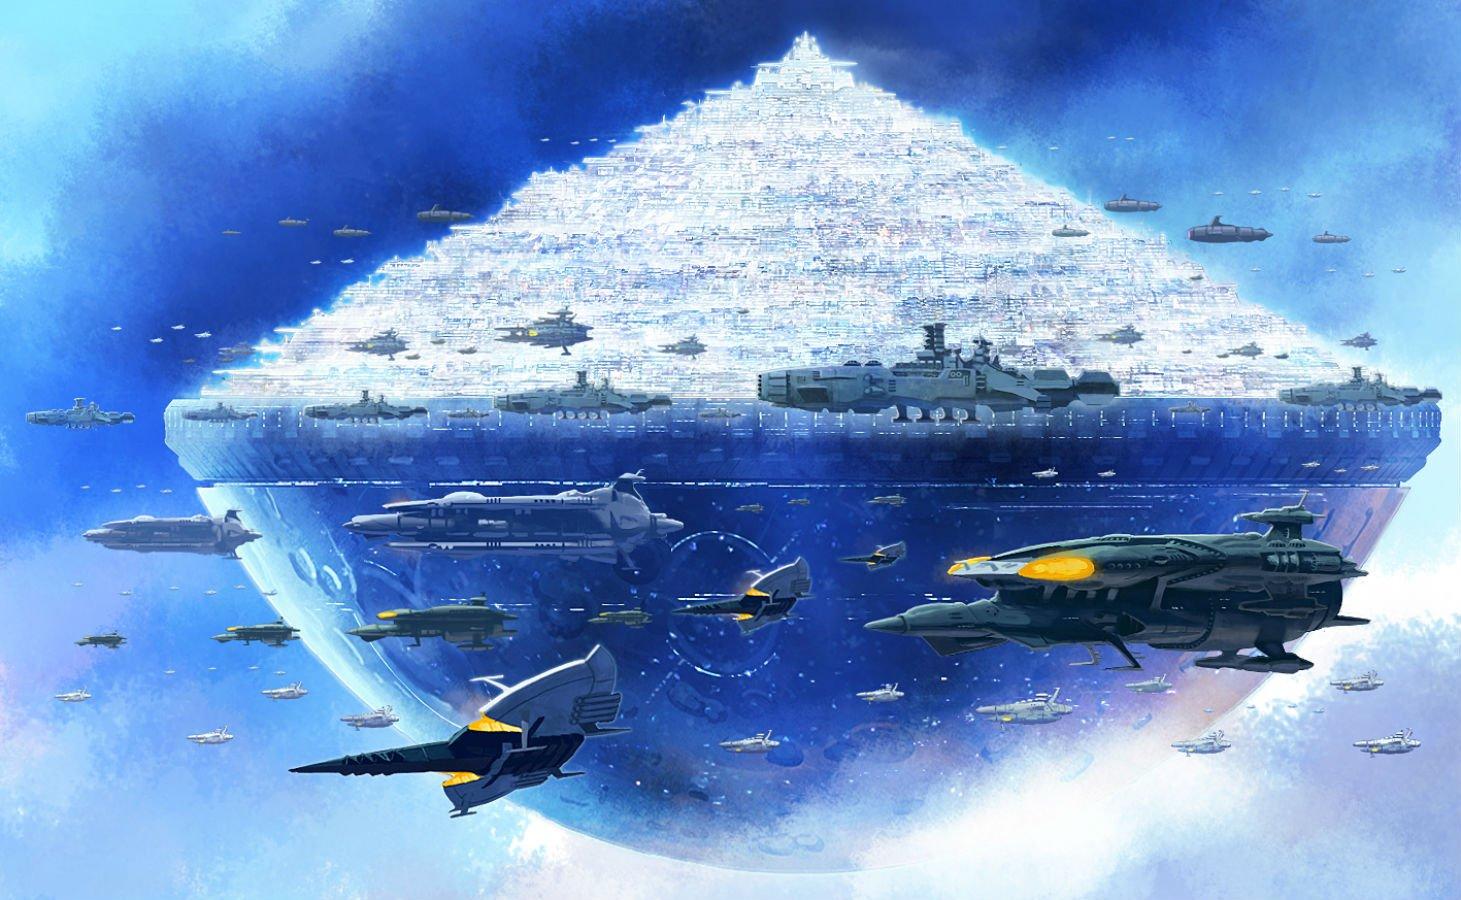 Free Download Aircraft City Fmu Space Battleship Yamato Wallpaper